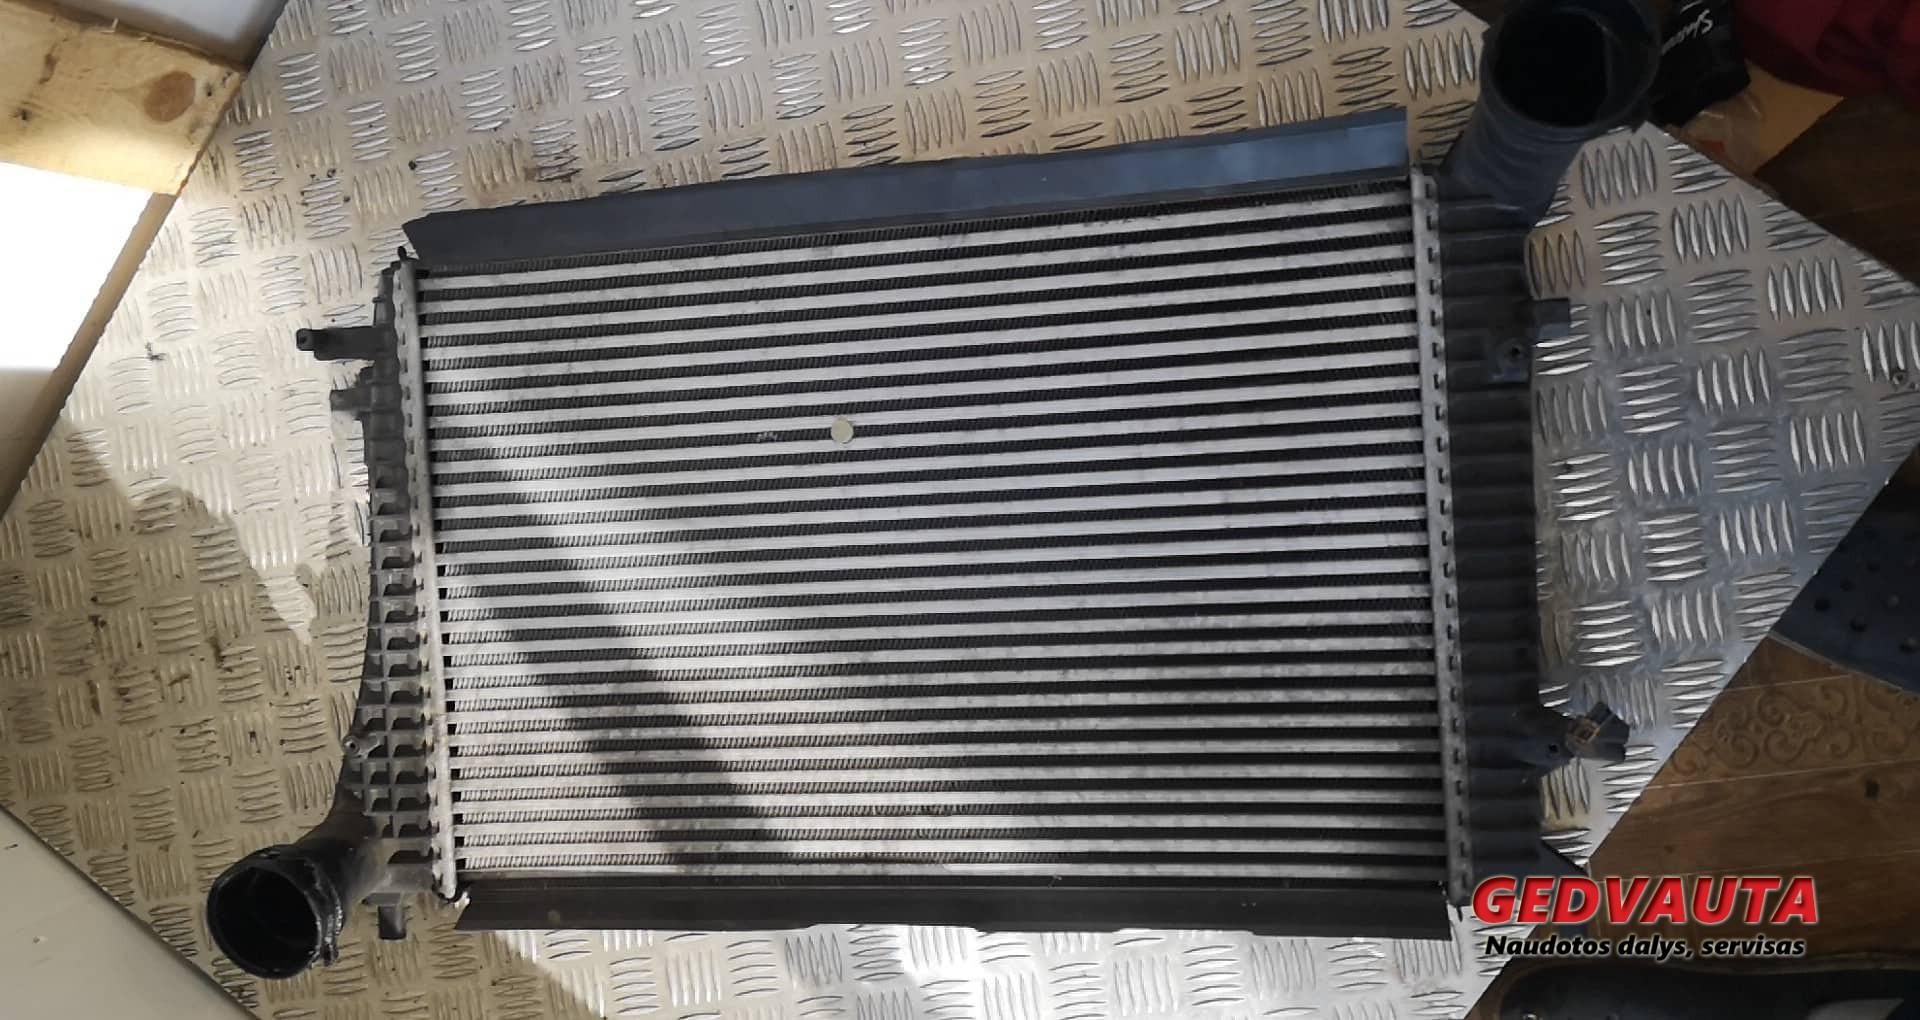 Interkūlerio radiatorius